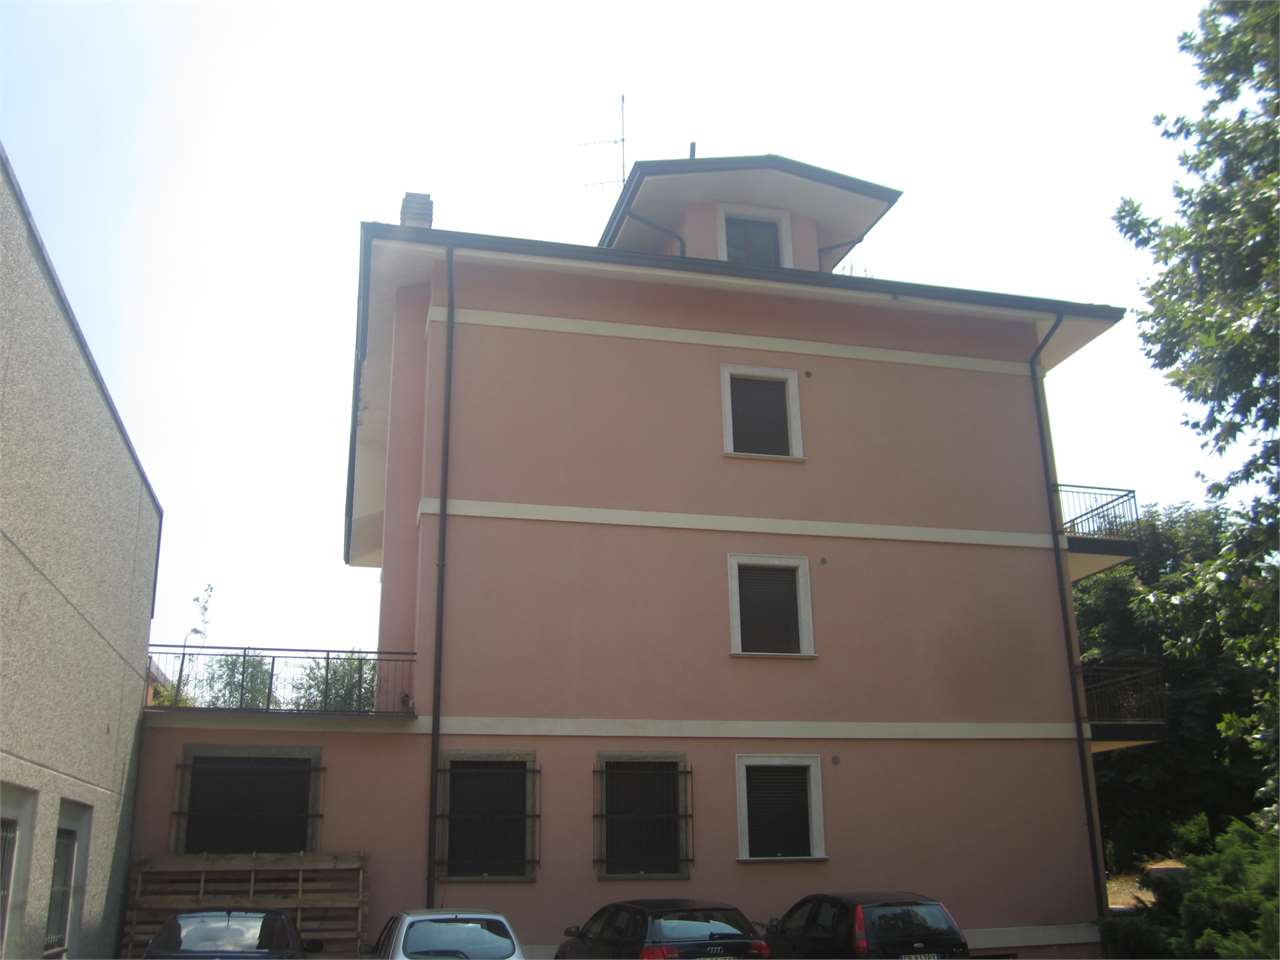 Ufficio Casa Modena : Case in affitto modena su gratis casa